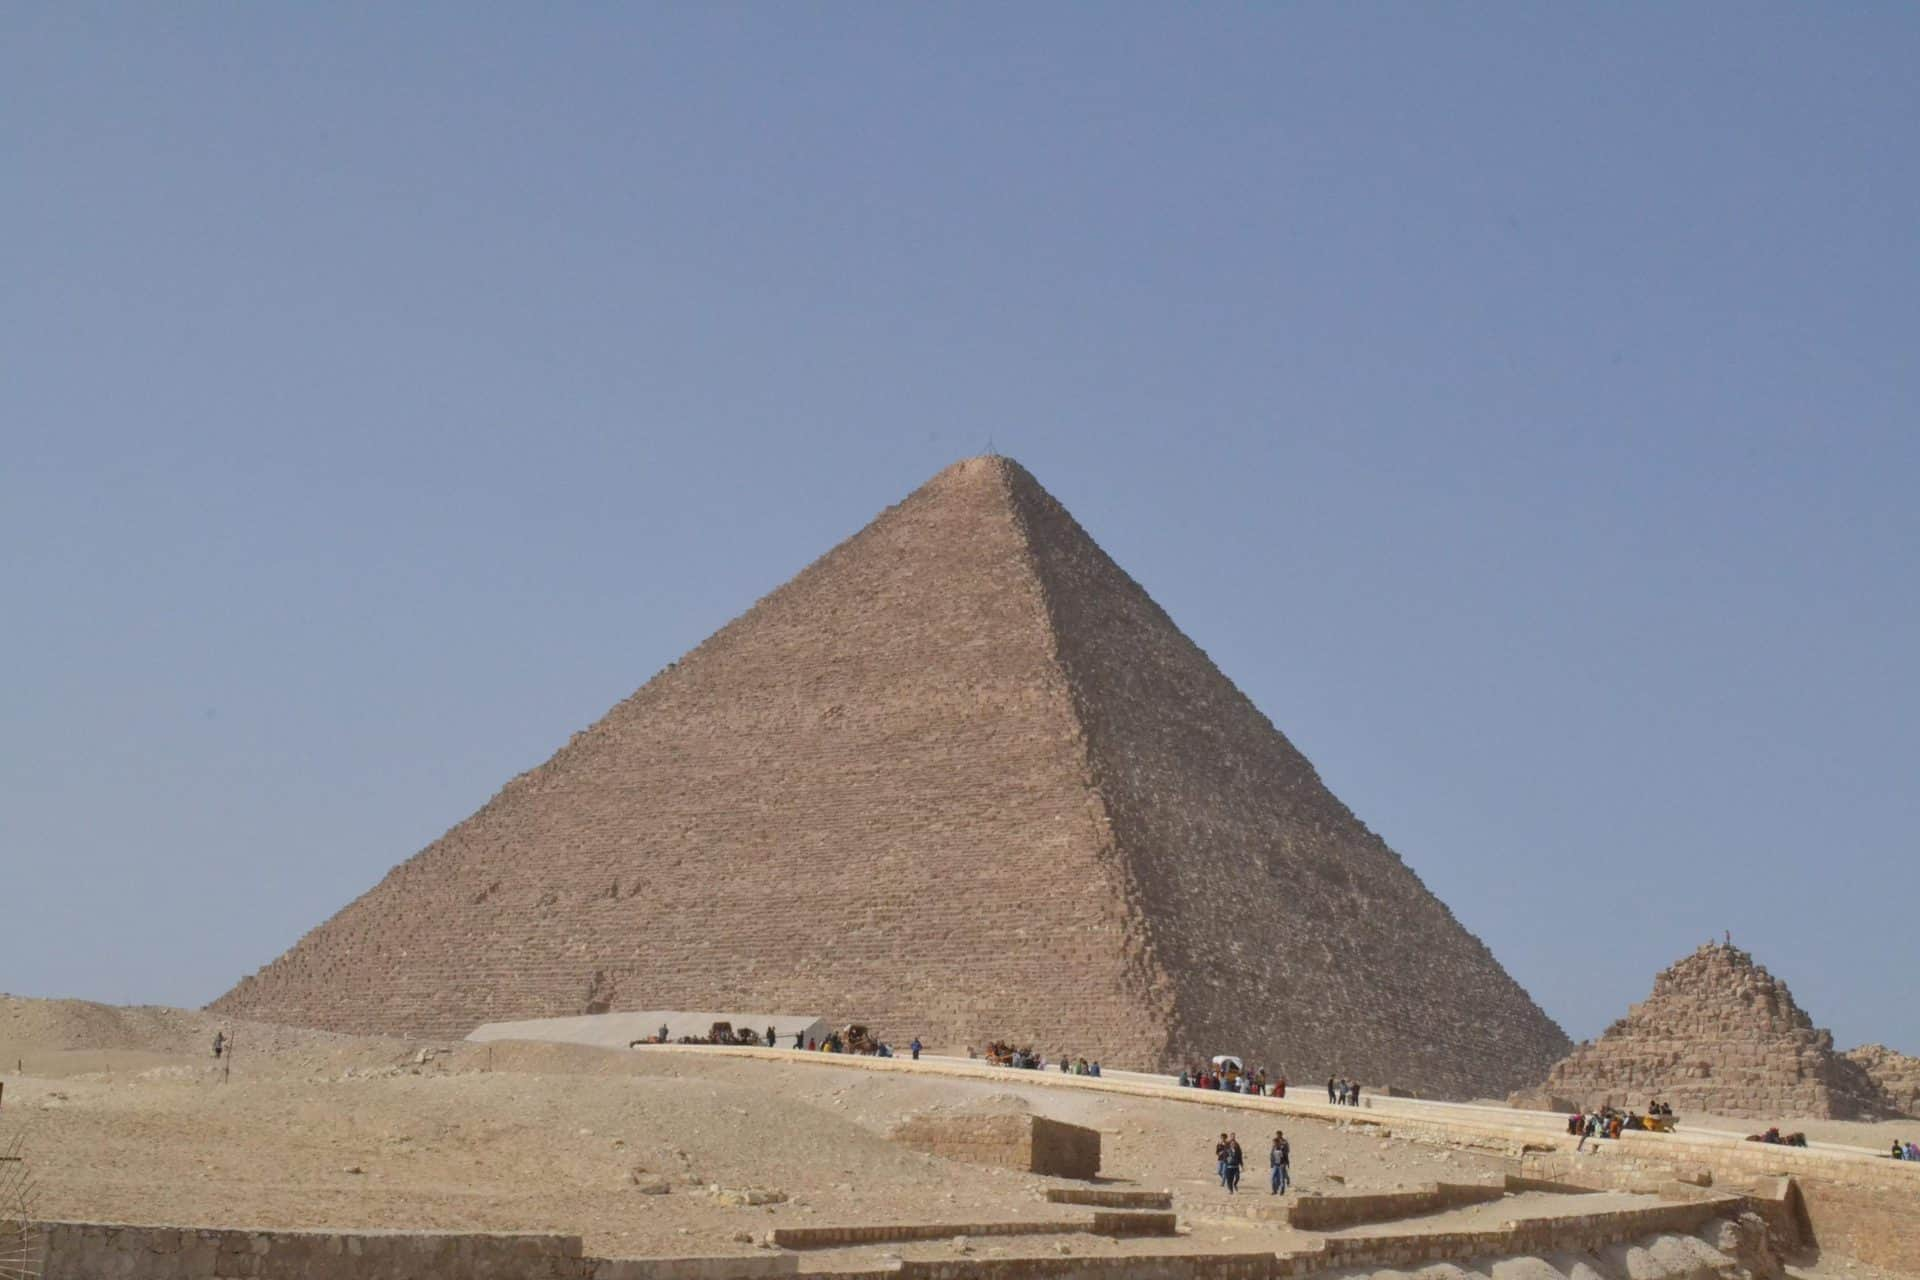 pyramidsofgiza_Giza Tour Point 2 Photo